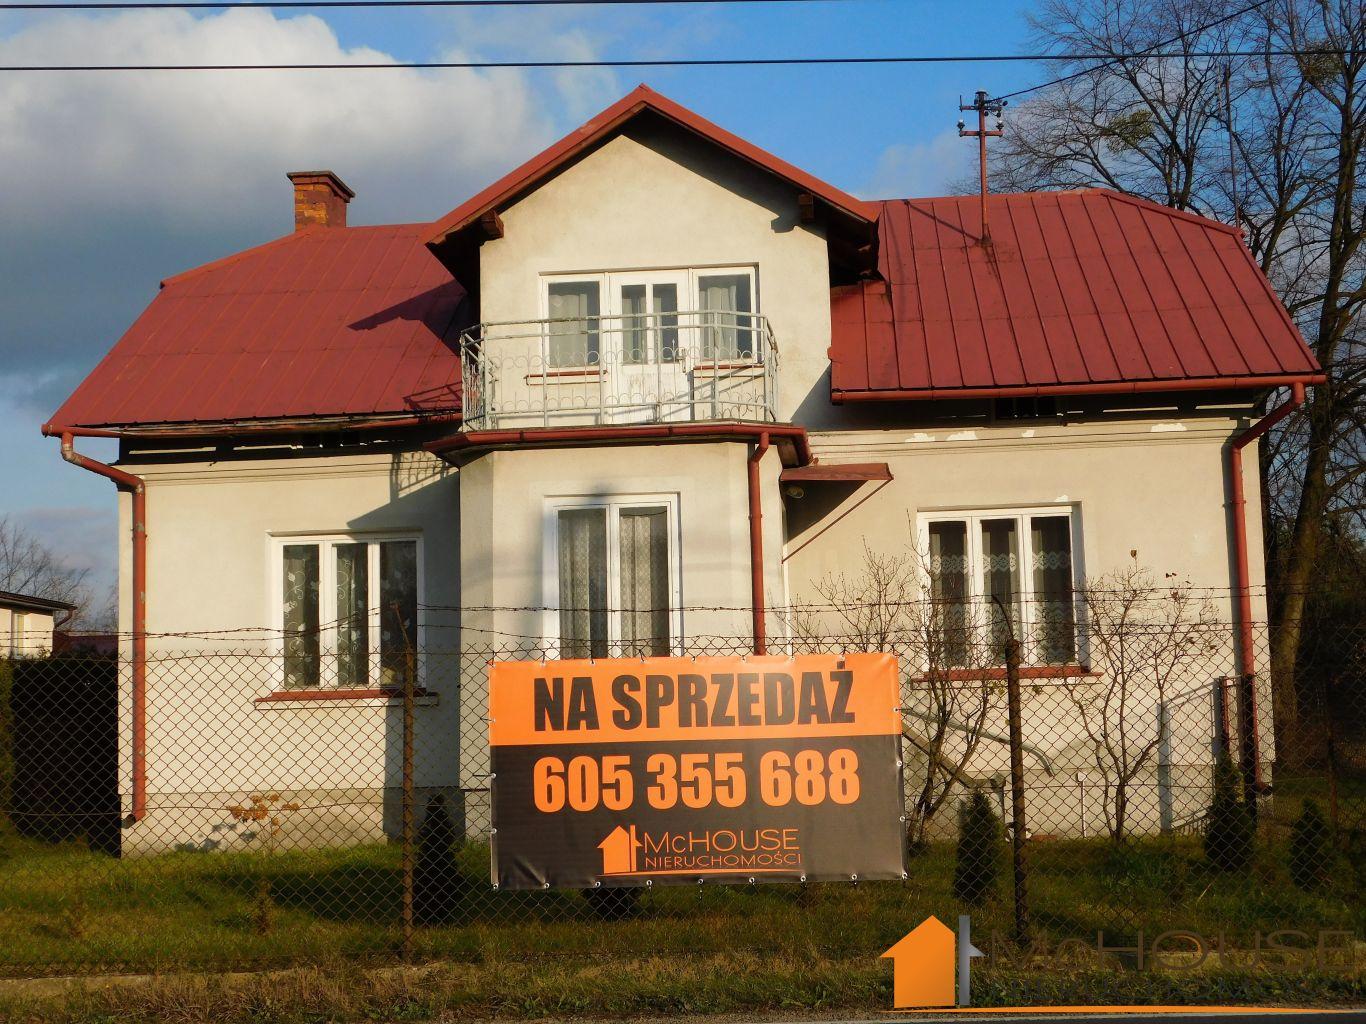 Dom pod Baranowem Sandomierskim w dobrym stylu